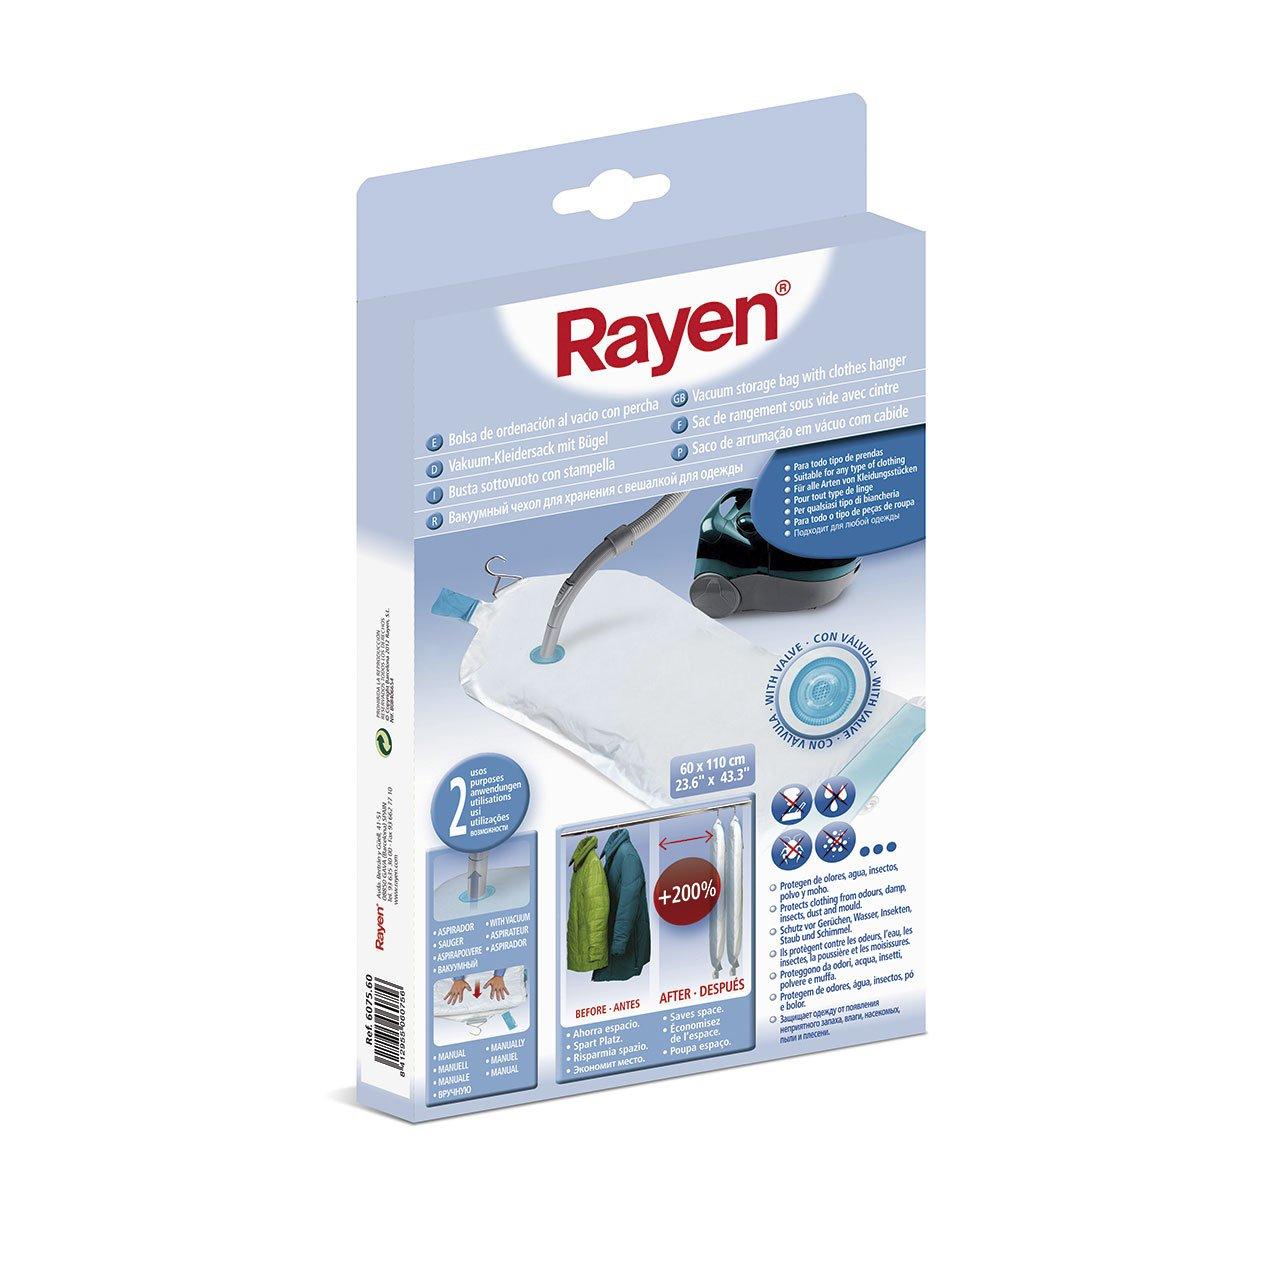 Rayen 6027.60 - Bolsa de ropa al vacío ahorrar espacio, de tamaño grande, 90 x 120 cm, material plástico: Amazon.es: Belleza